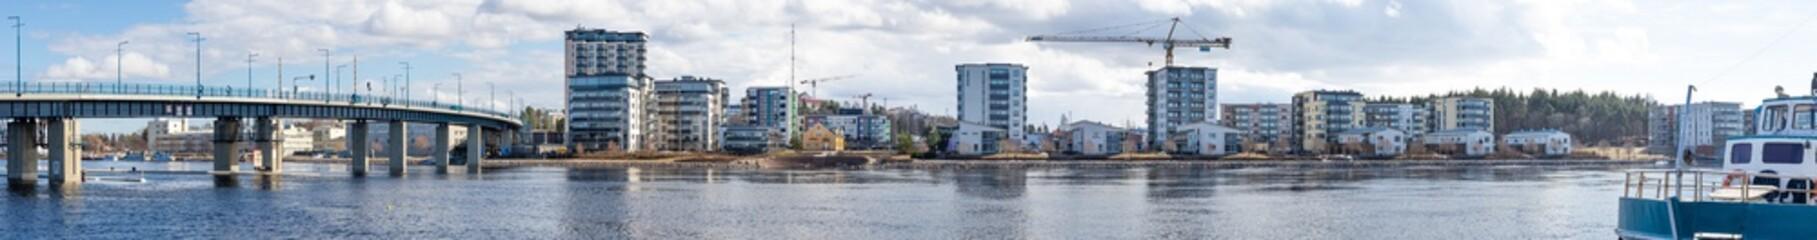 Joensuu, Finland Panorama